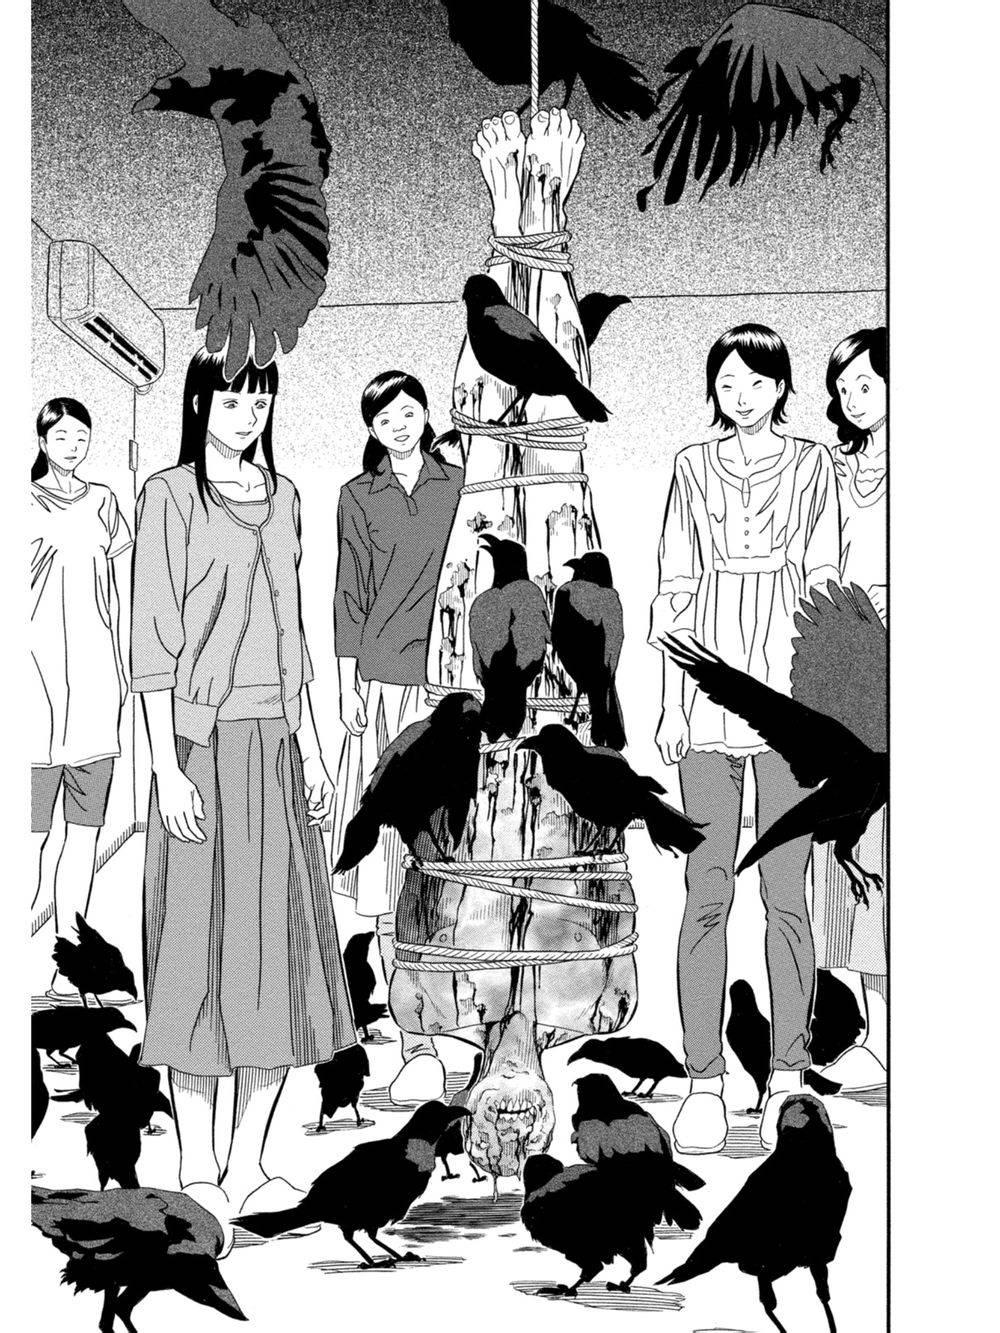 【恐怖漫画】黑异本(05-08)[完结]4-AcFun弹羊狼漫画图片图片